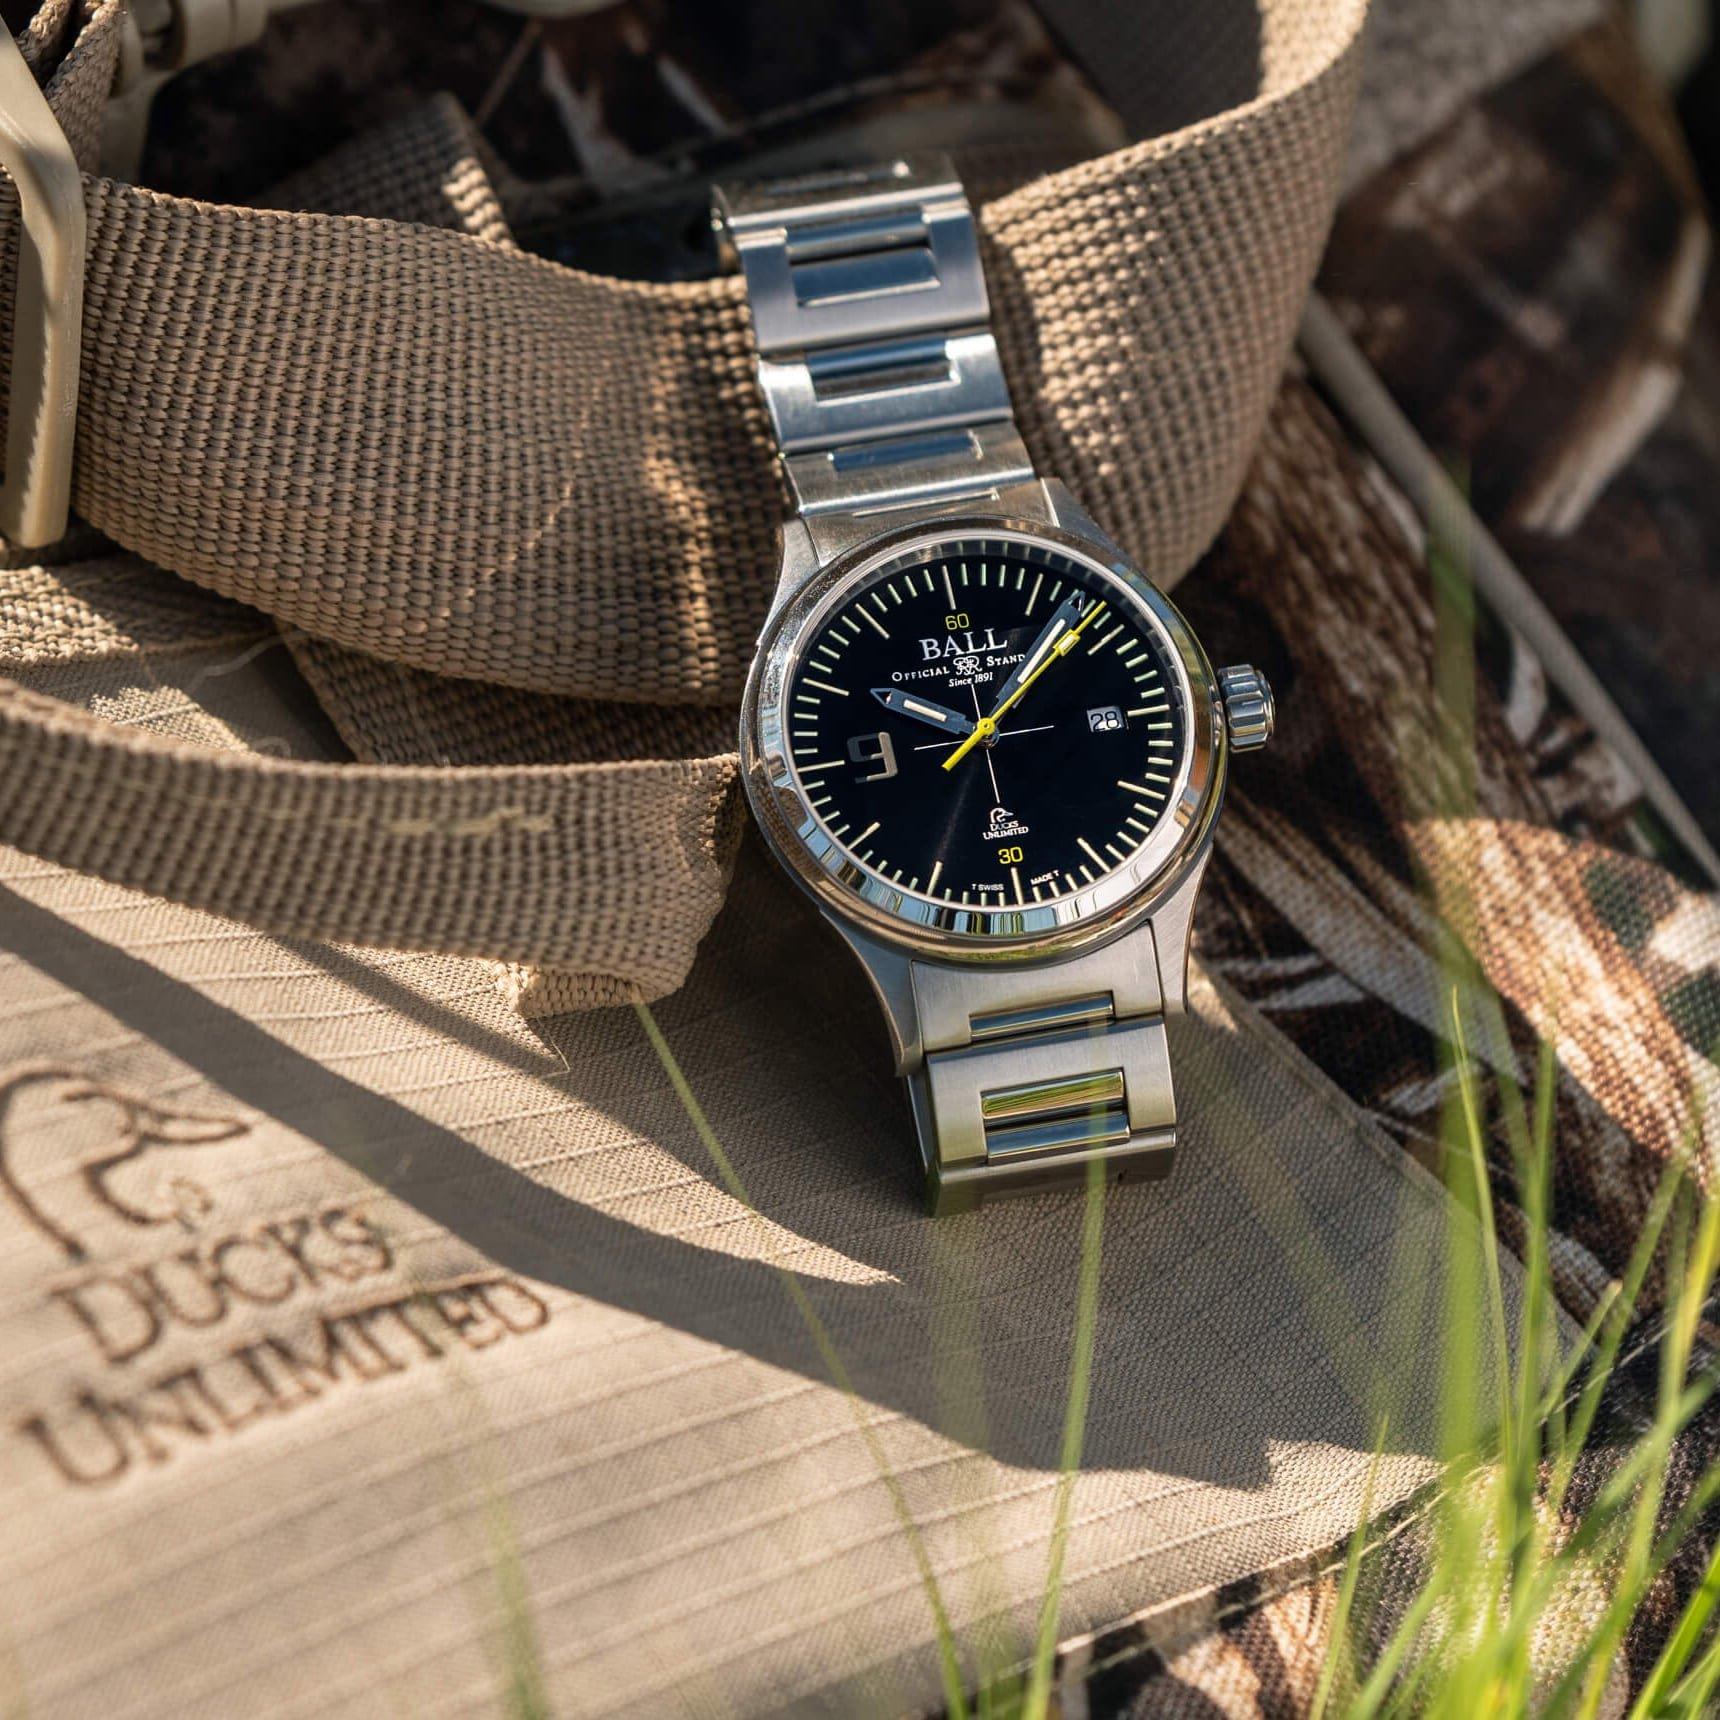 Stylowy zegarek Ball z czarną tarcza na srebrnej bransolecie